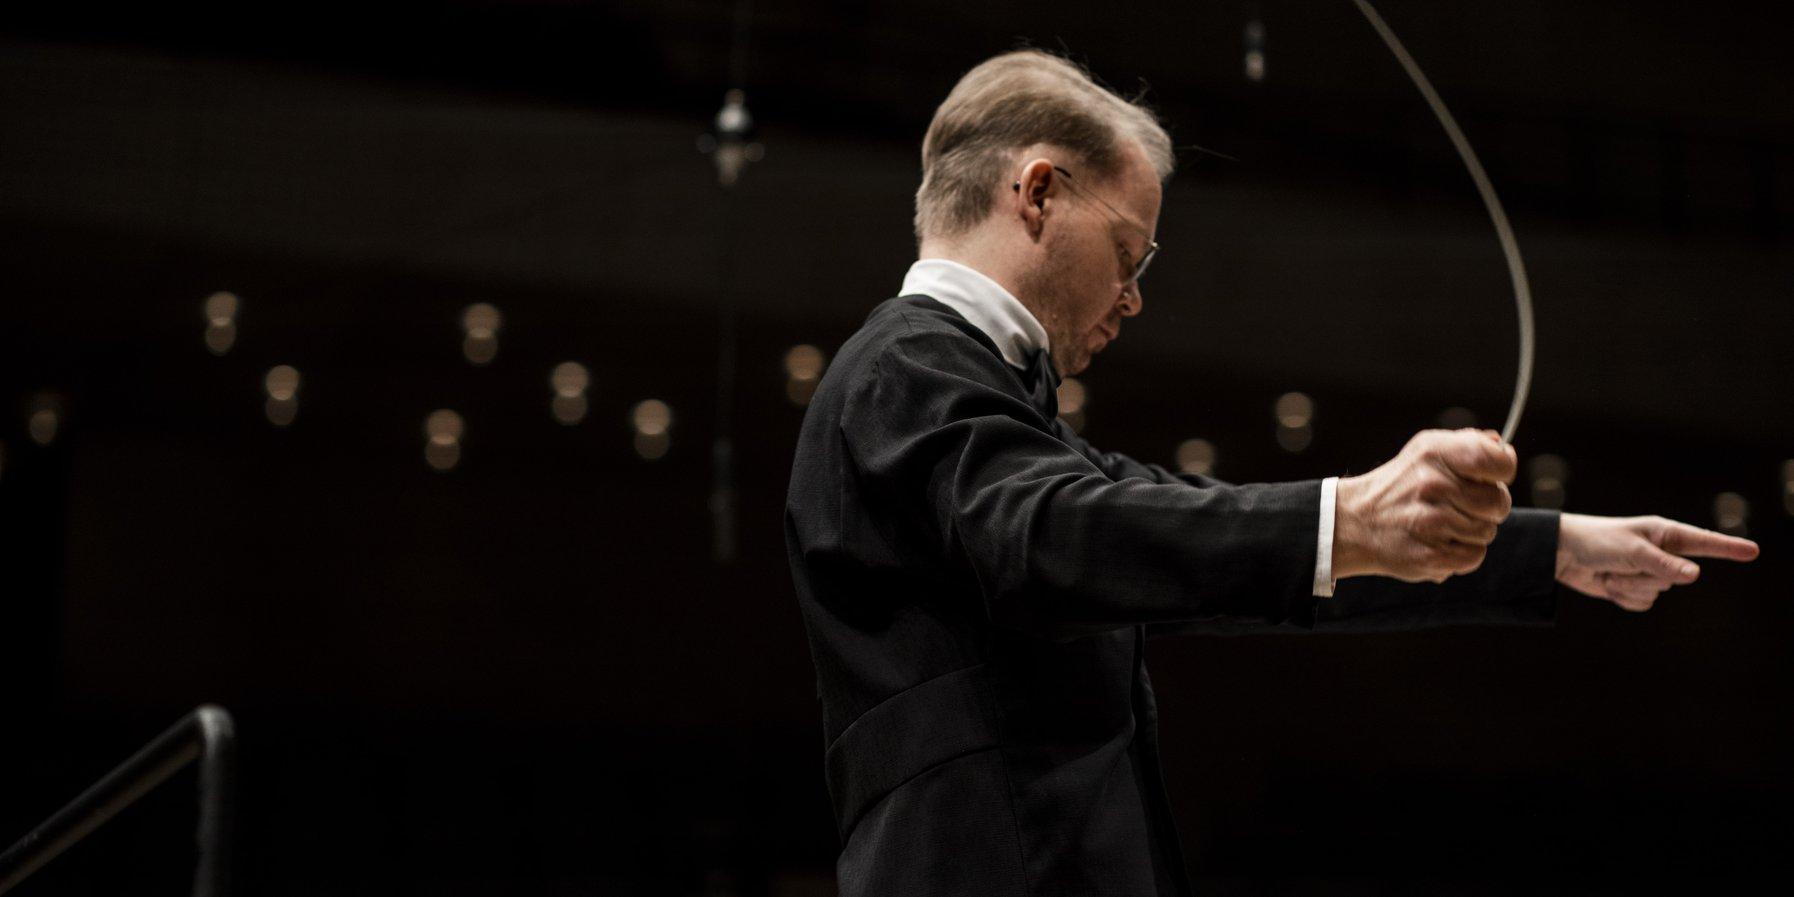 Konzertmeister und Dirigent Jaakko Kuusisto